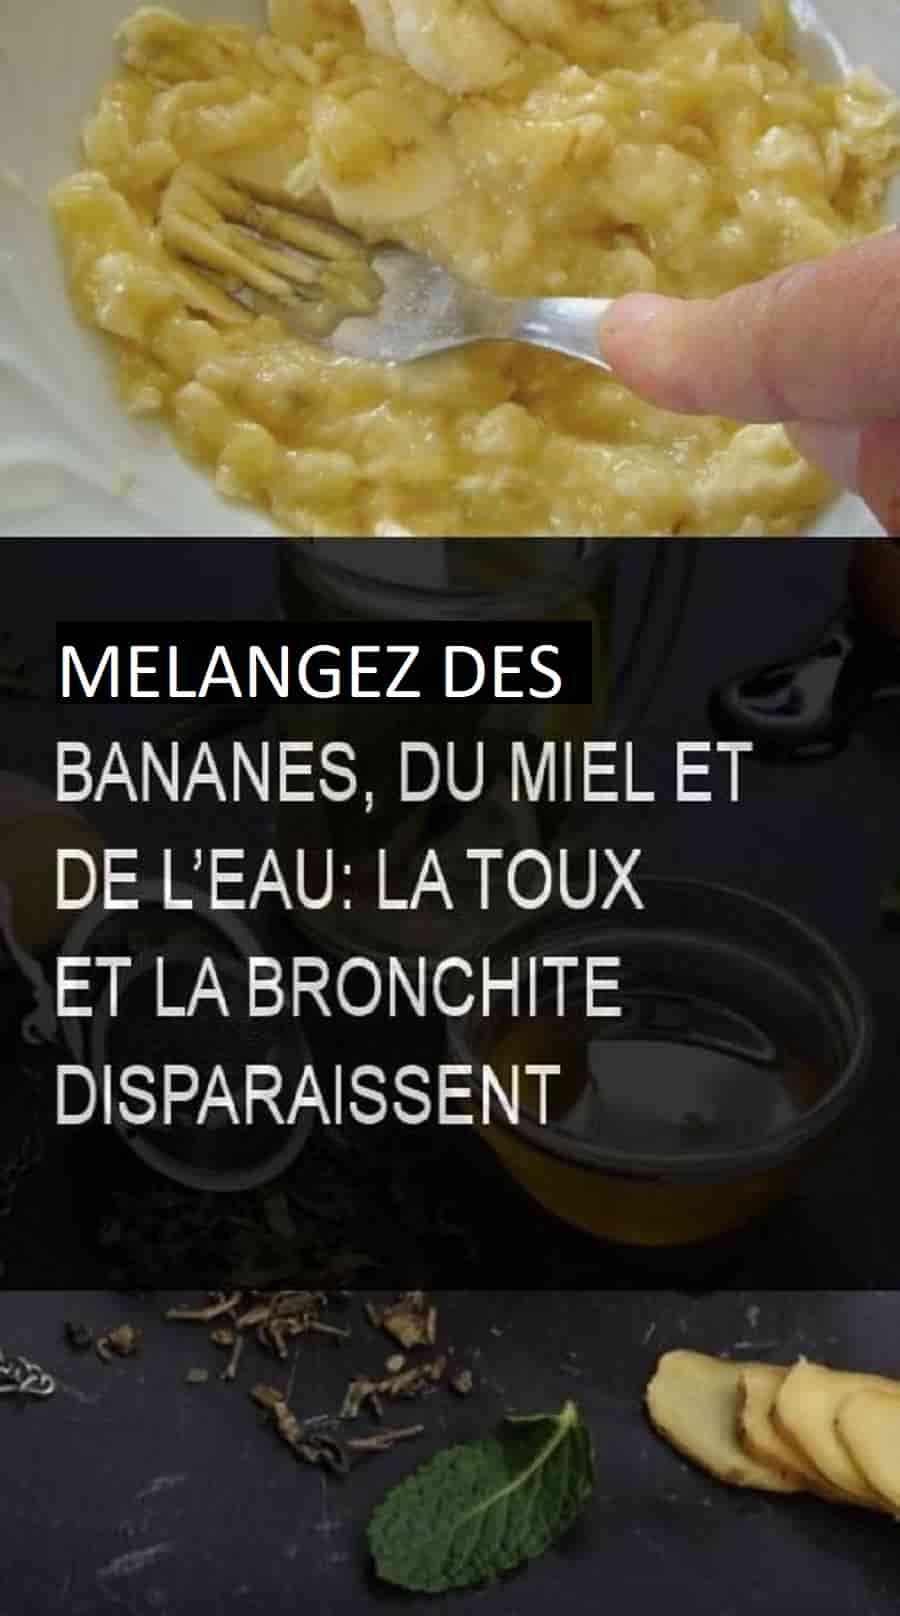 Mélangez des bananes du miel et de l'eau : la toux et la bronchite disparaissent